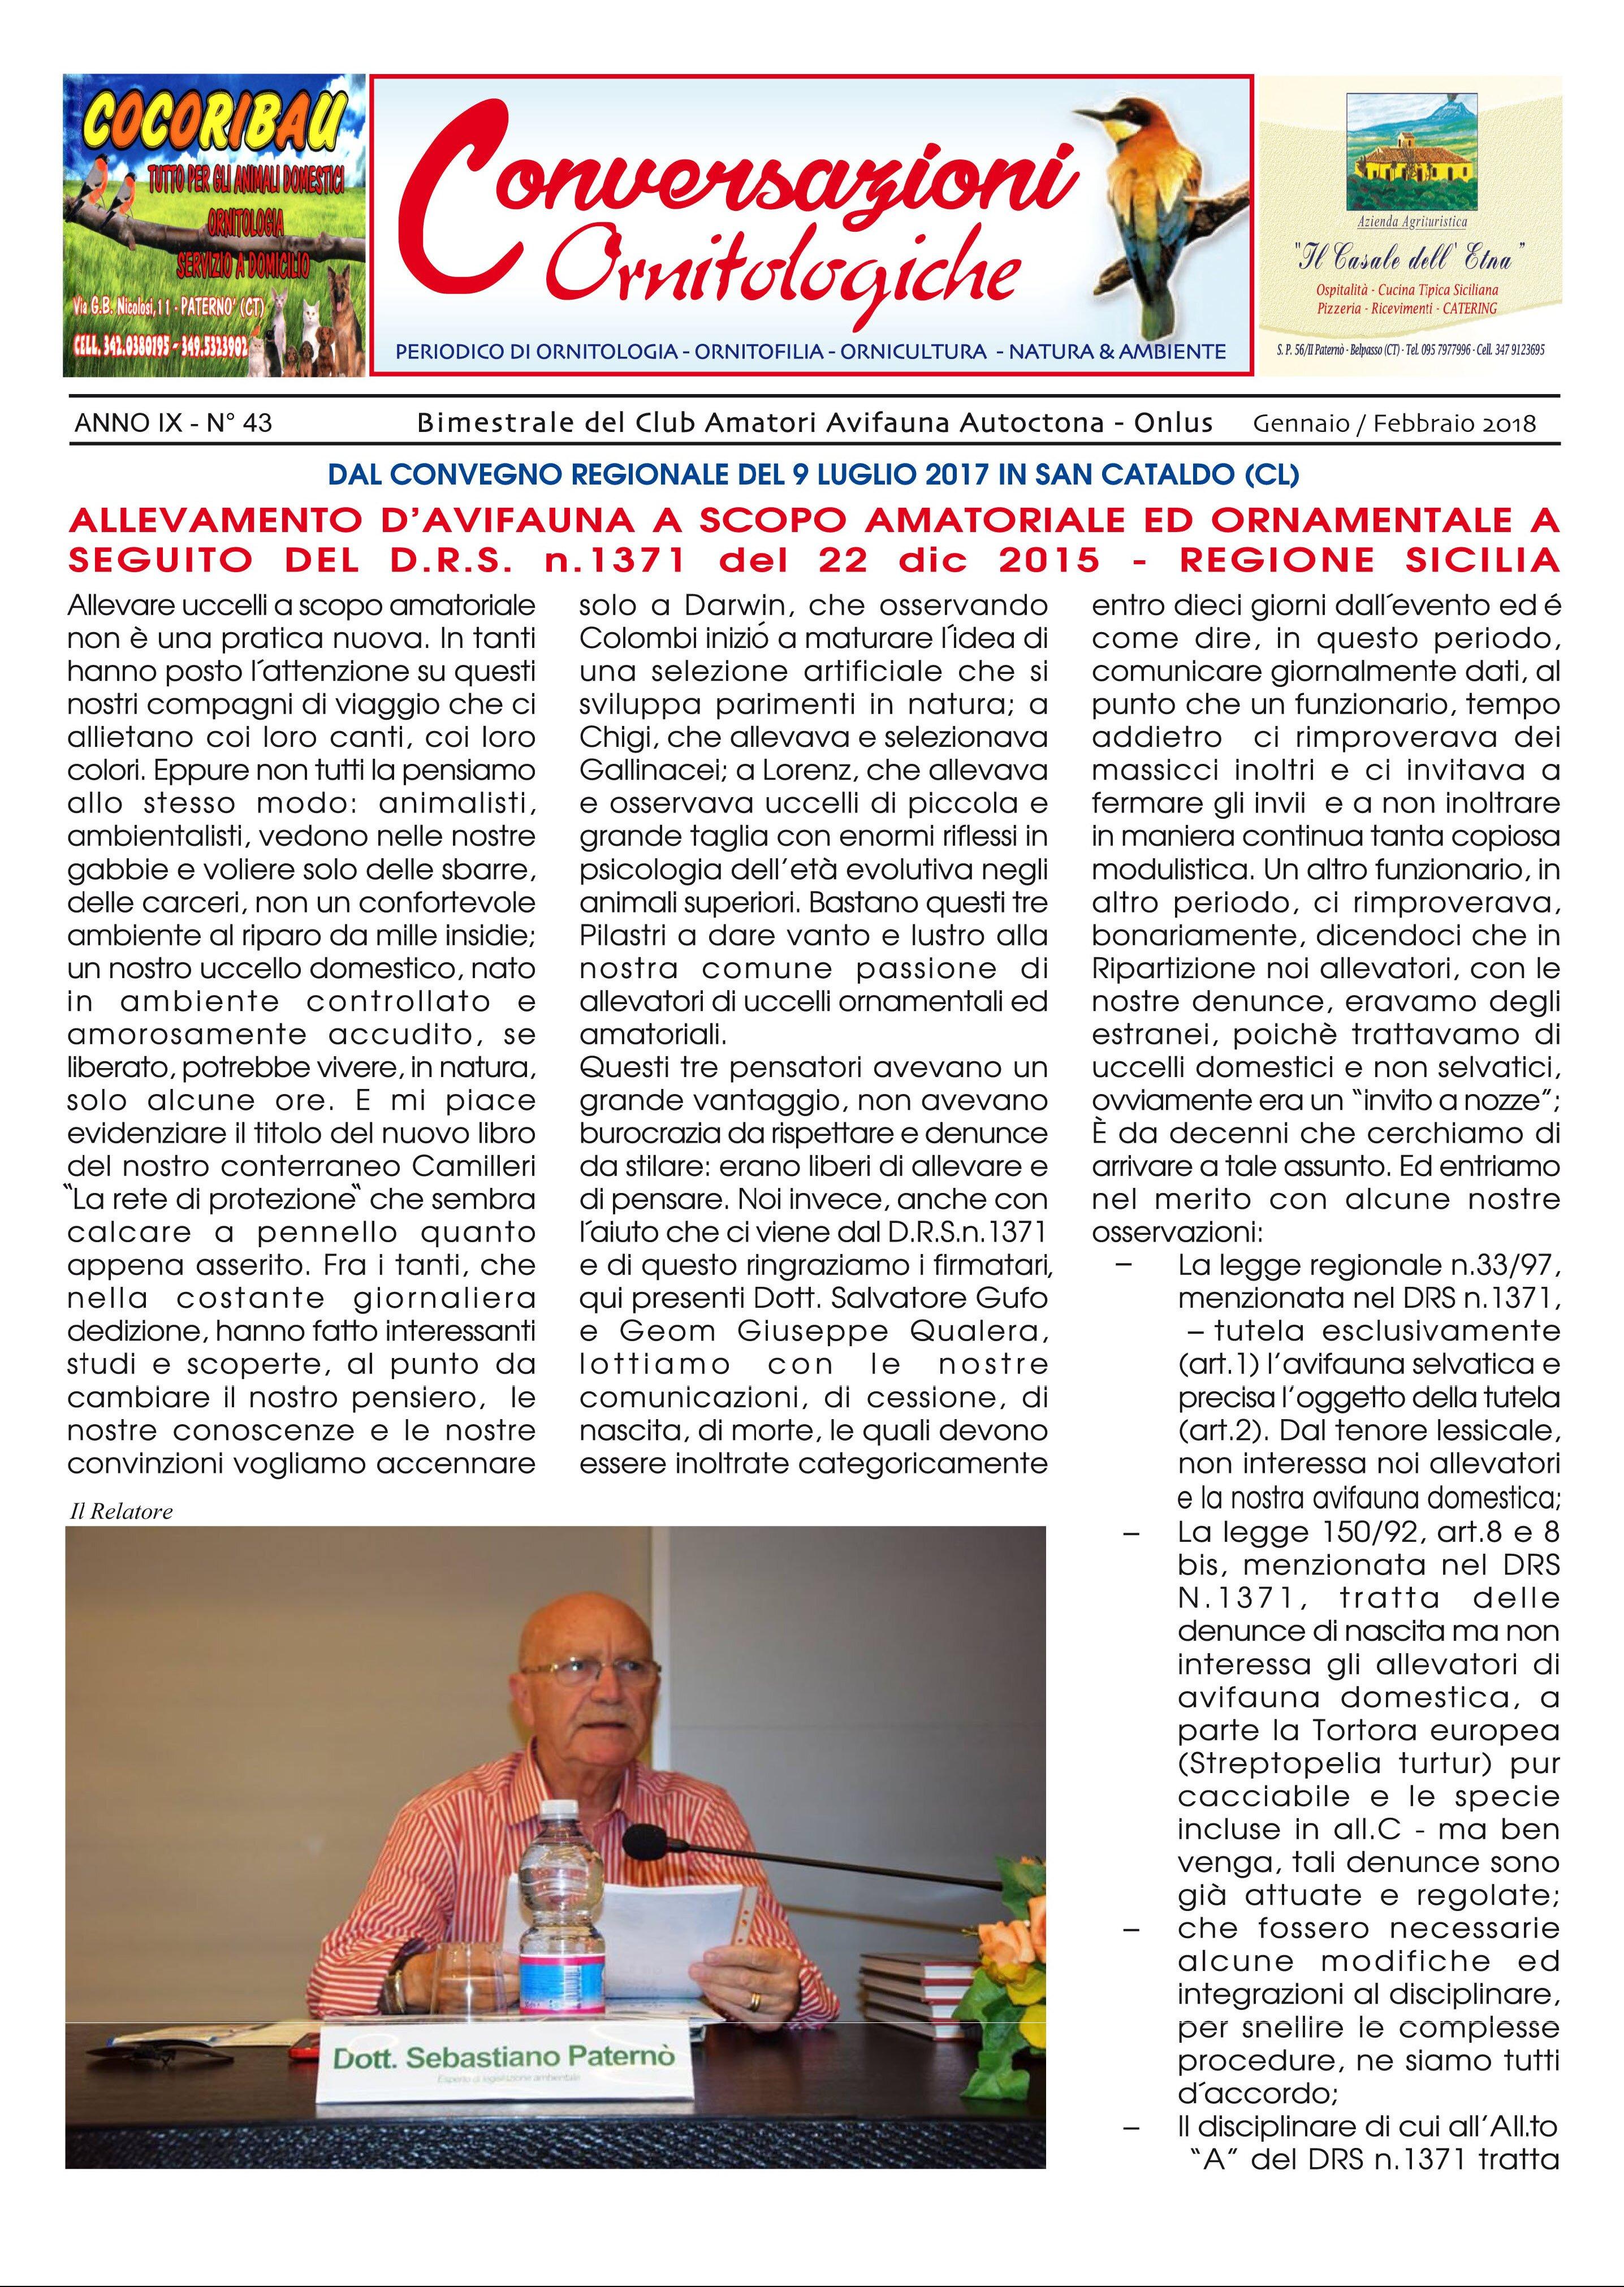 Calendario Mostre Ornitologiche 2019 Sicilia.2 Febbraio 2018 Ultime News Club Amatori Avifauna